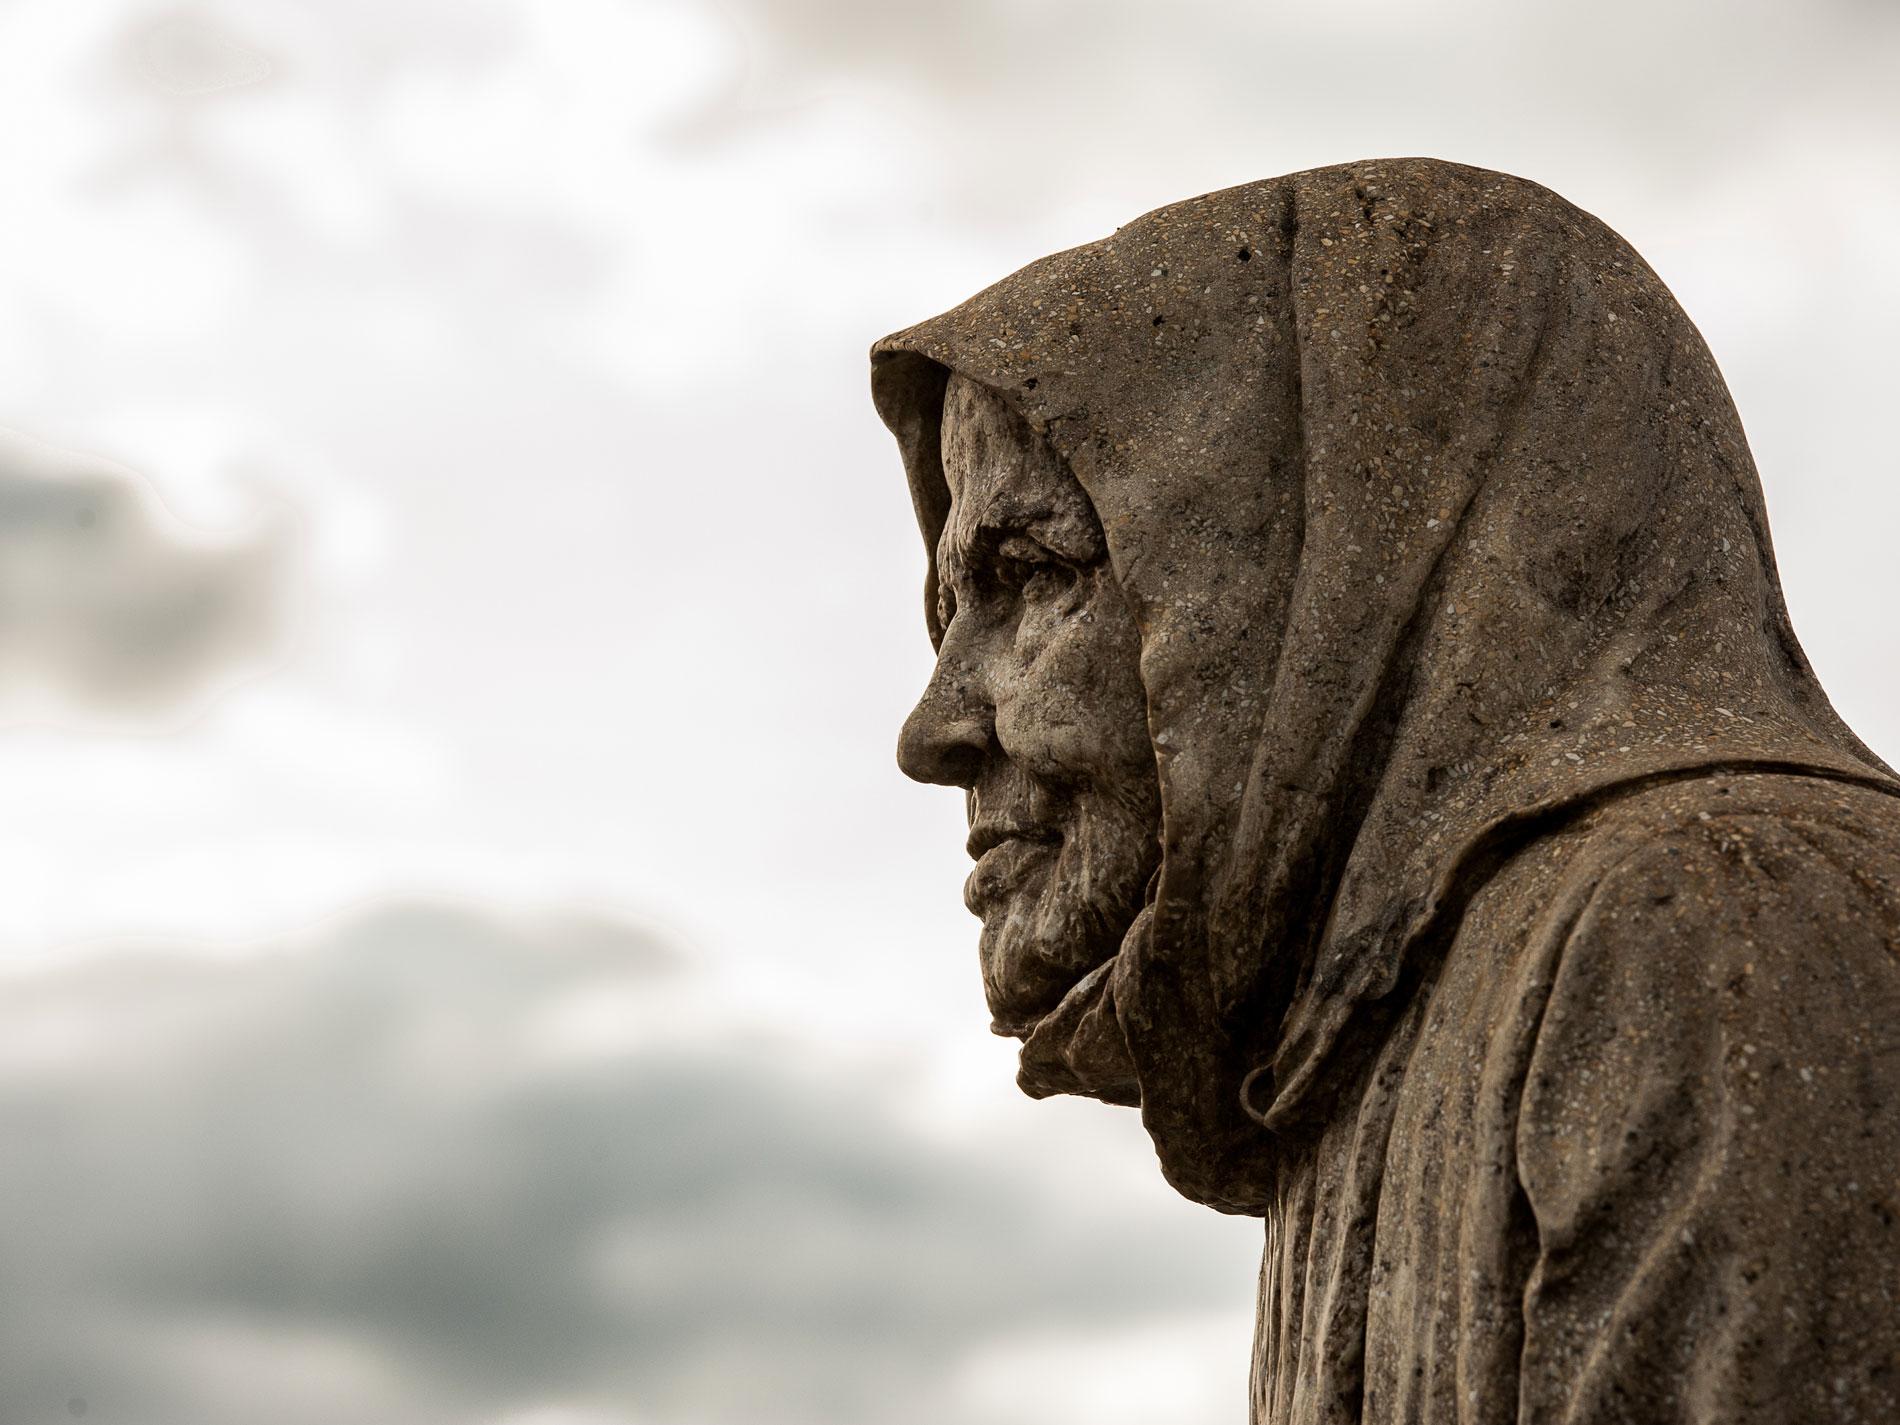 Turismo e religiosidade em São Lourenço: Autoconhecimento e espiritualidade